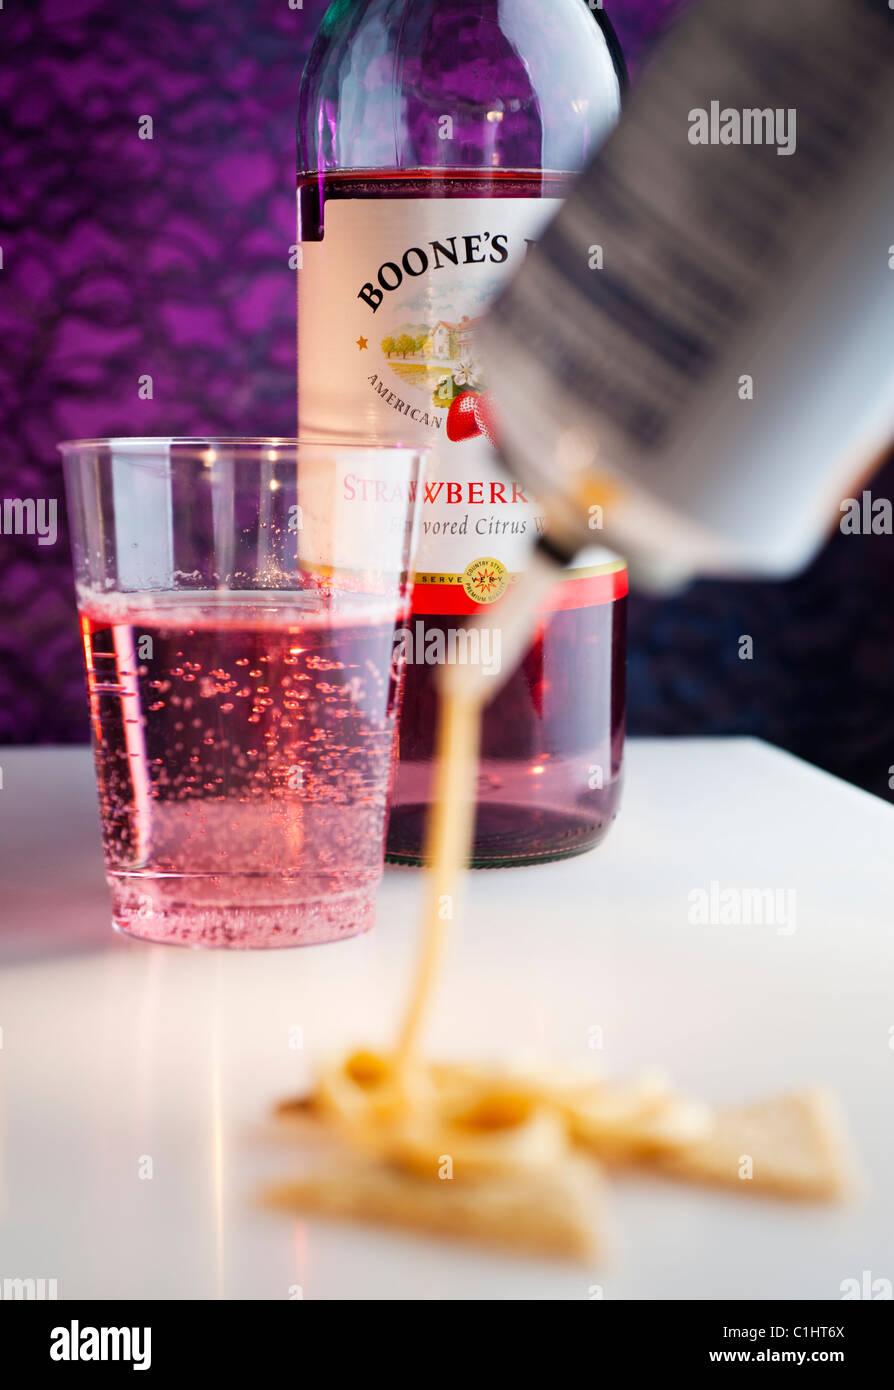 Billigen Wein und aus der Dose Spray Käse. Stockbild